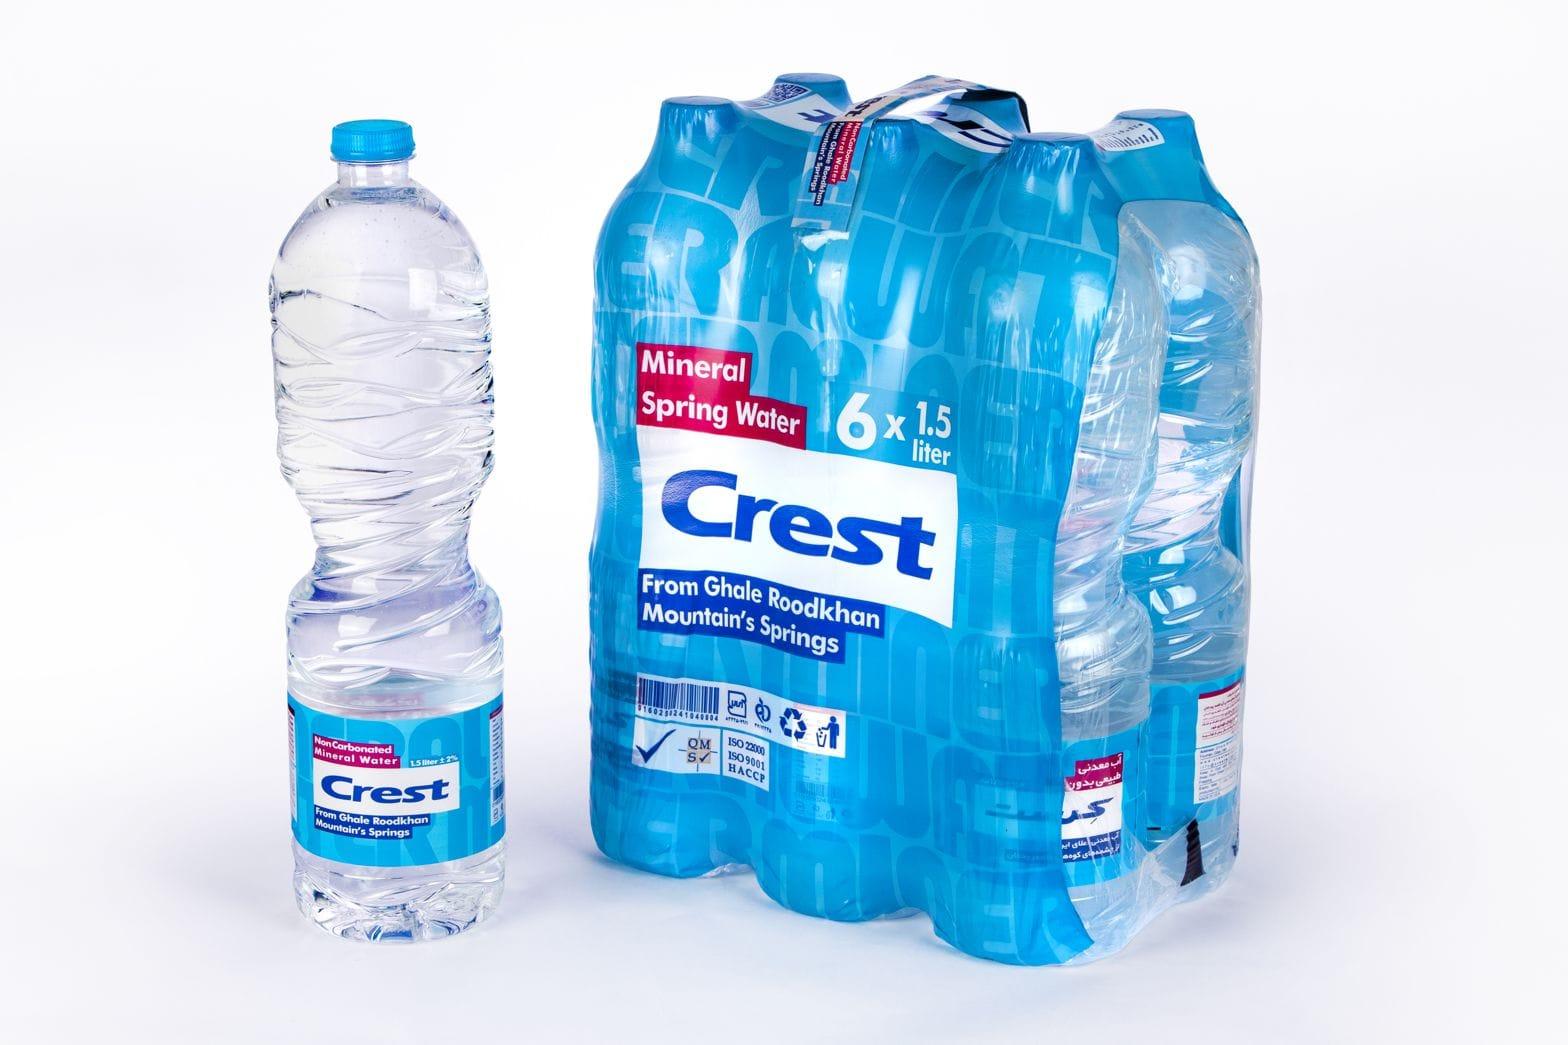 بسته بزرگ آب معدنی طبیعی کرست